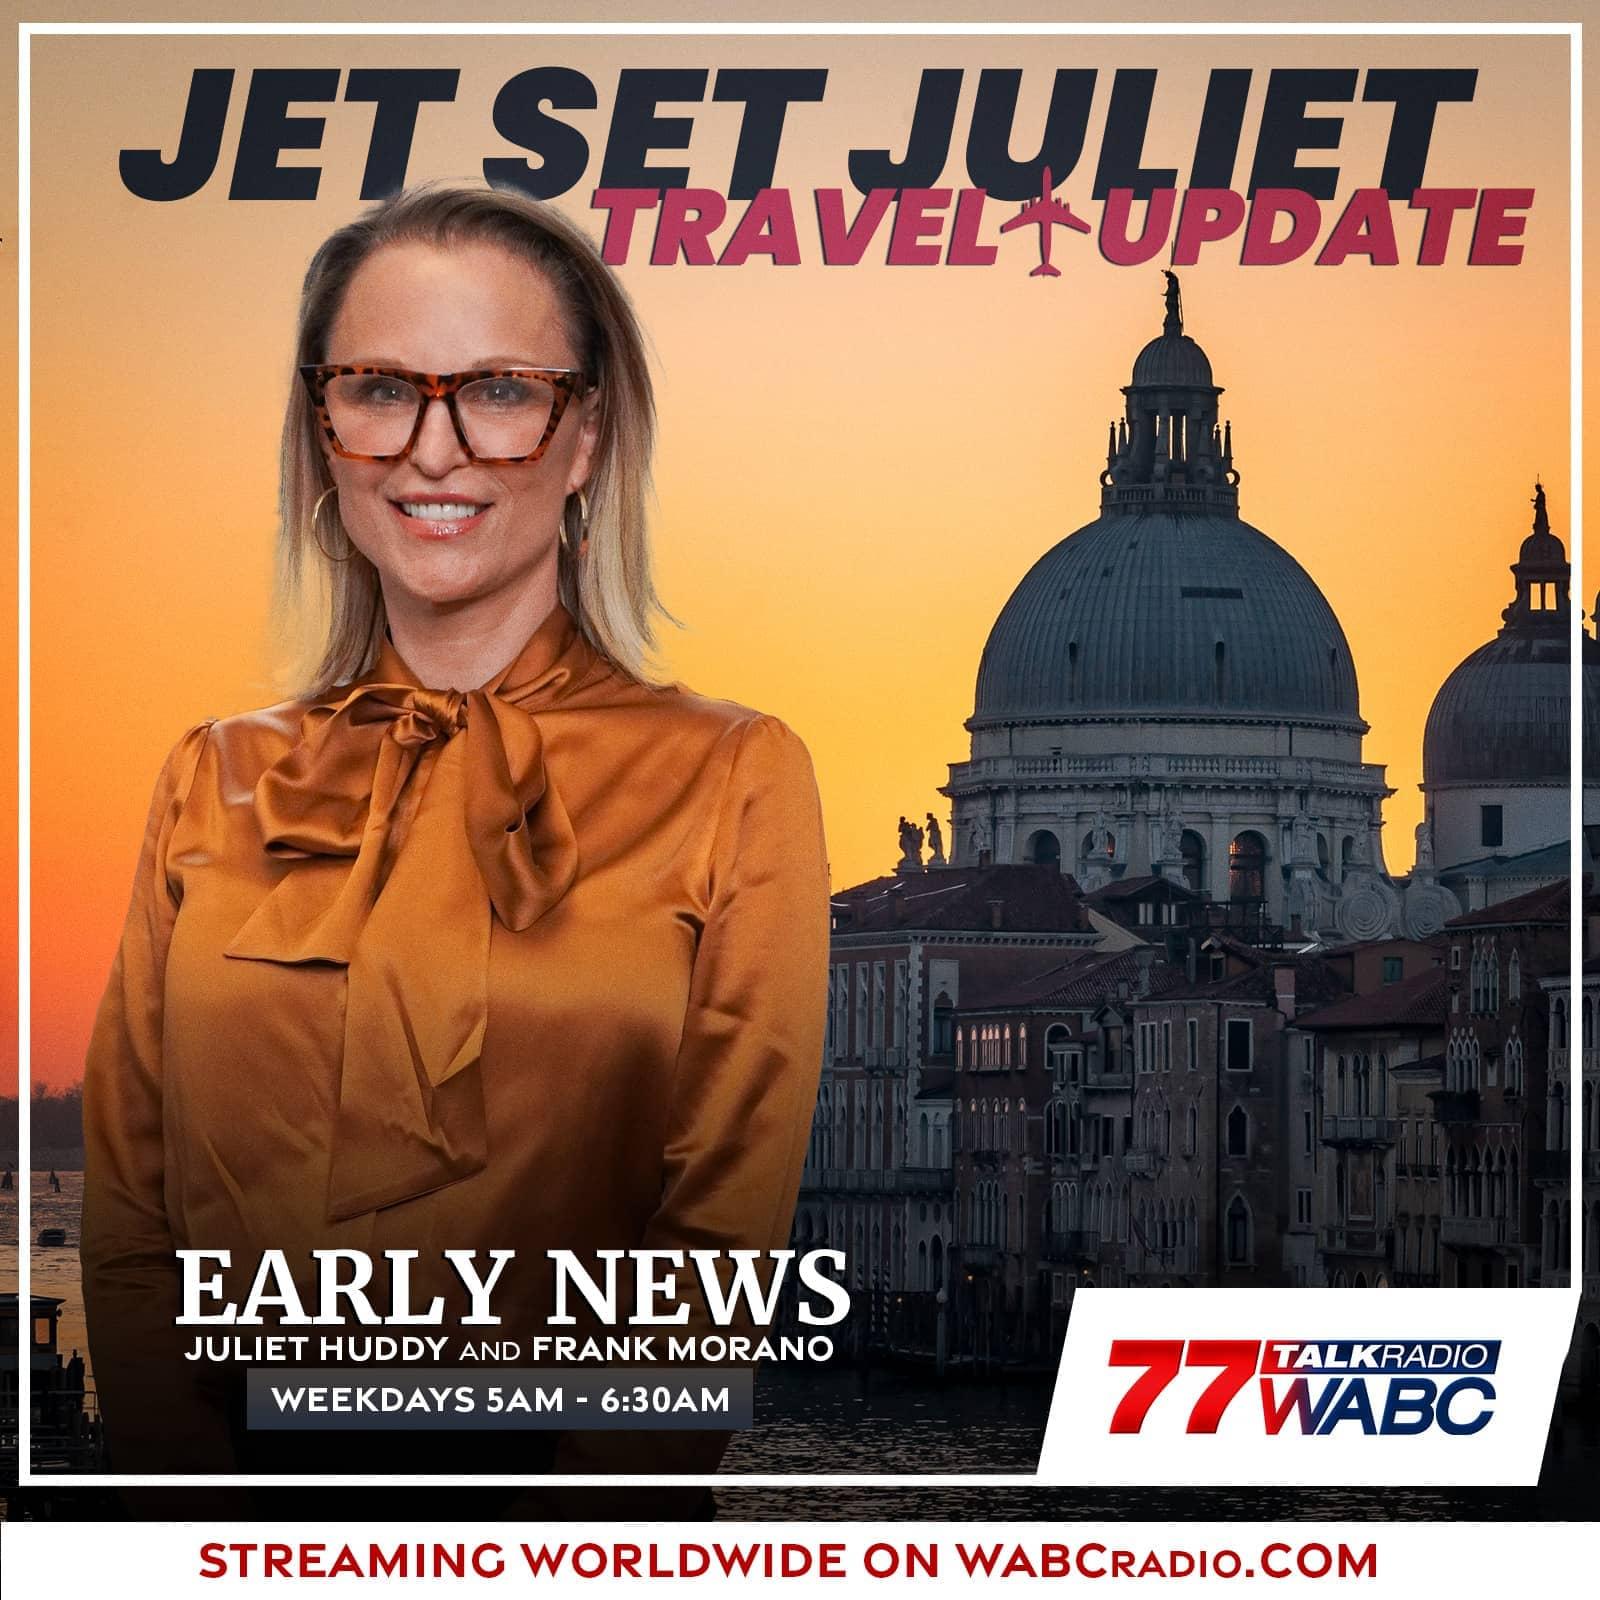 Jet Set Juliet